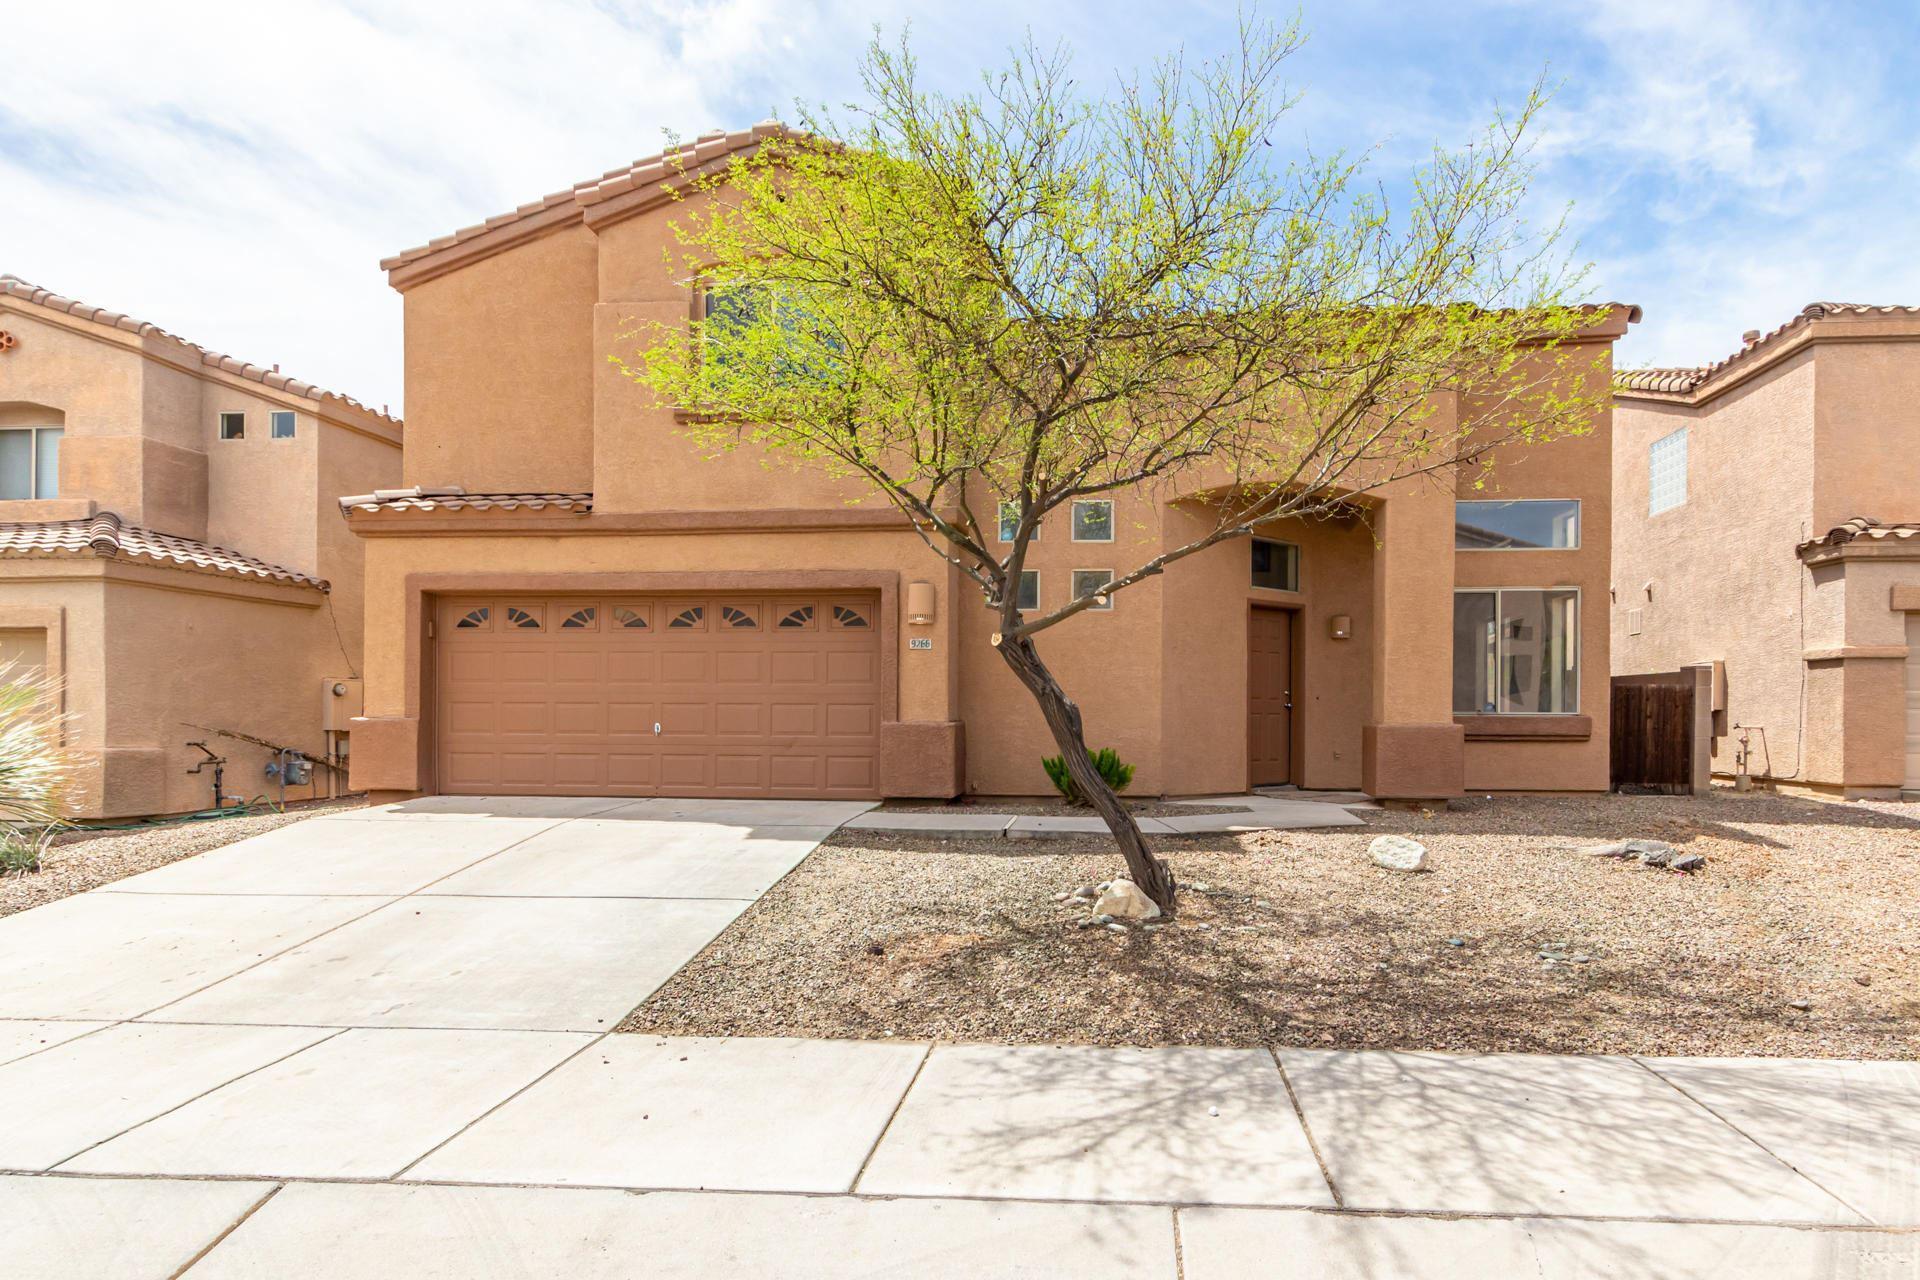 9266 E Desert Cove Circle, Tucson, AZ 85730 - MLS#: 22111138